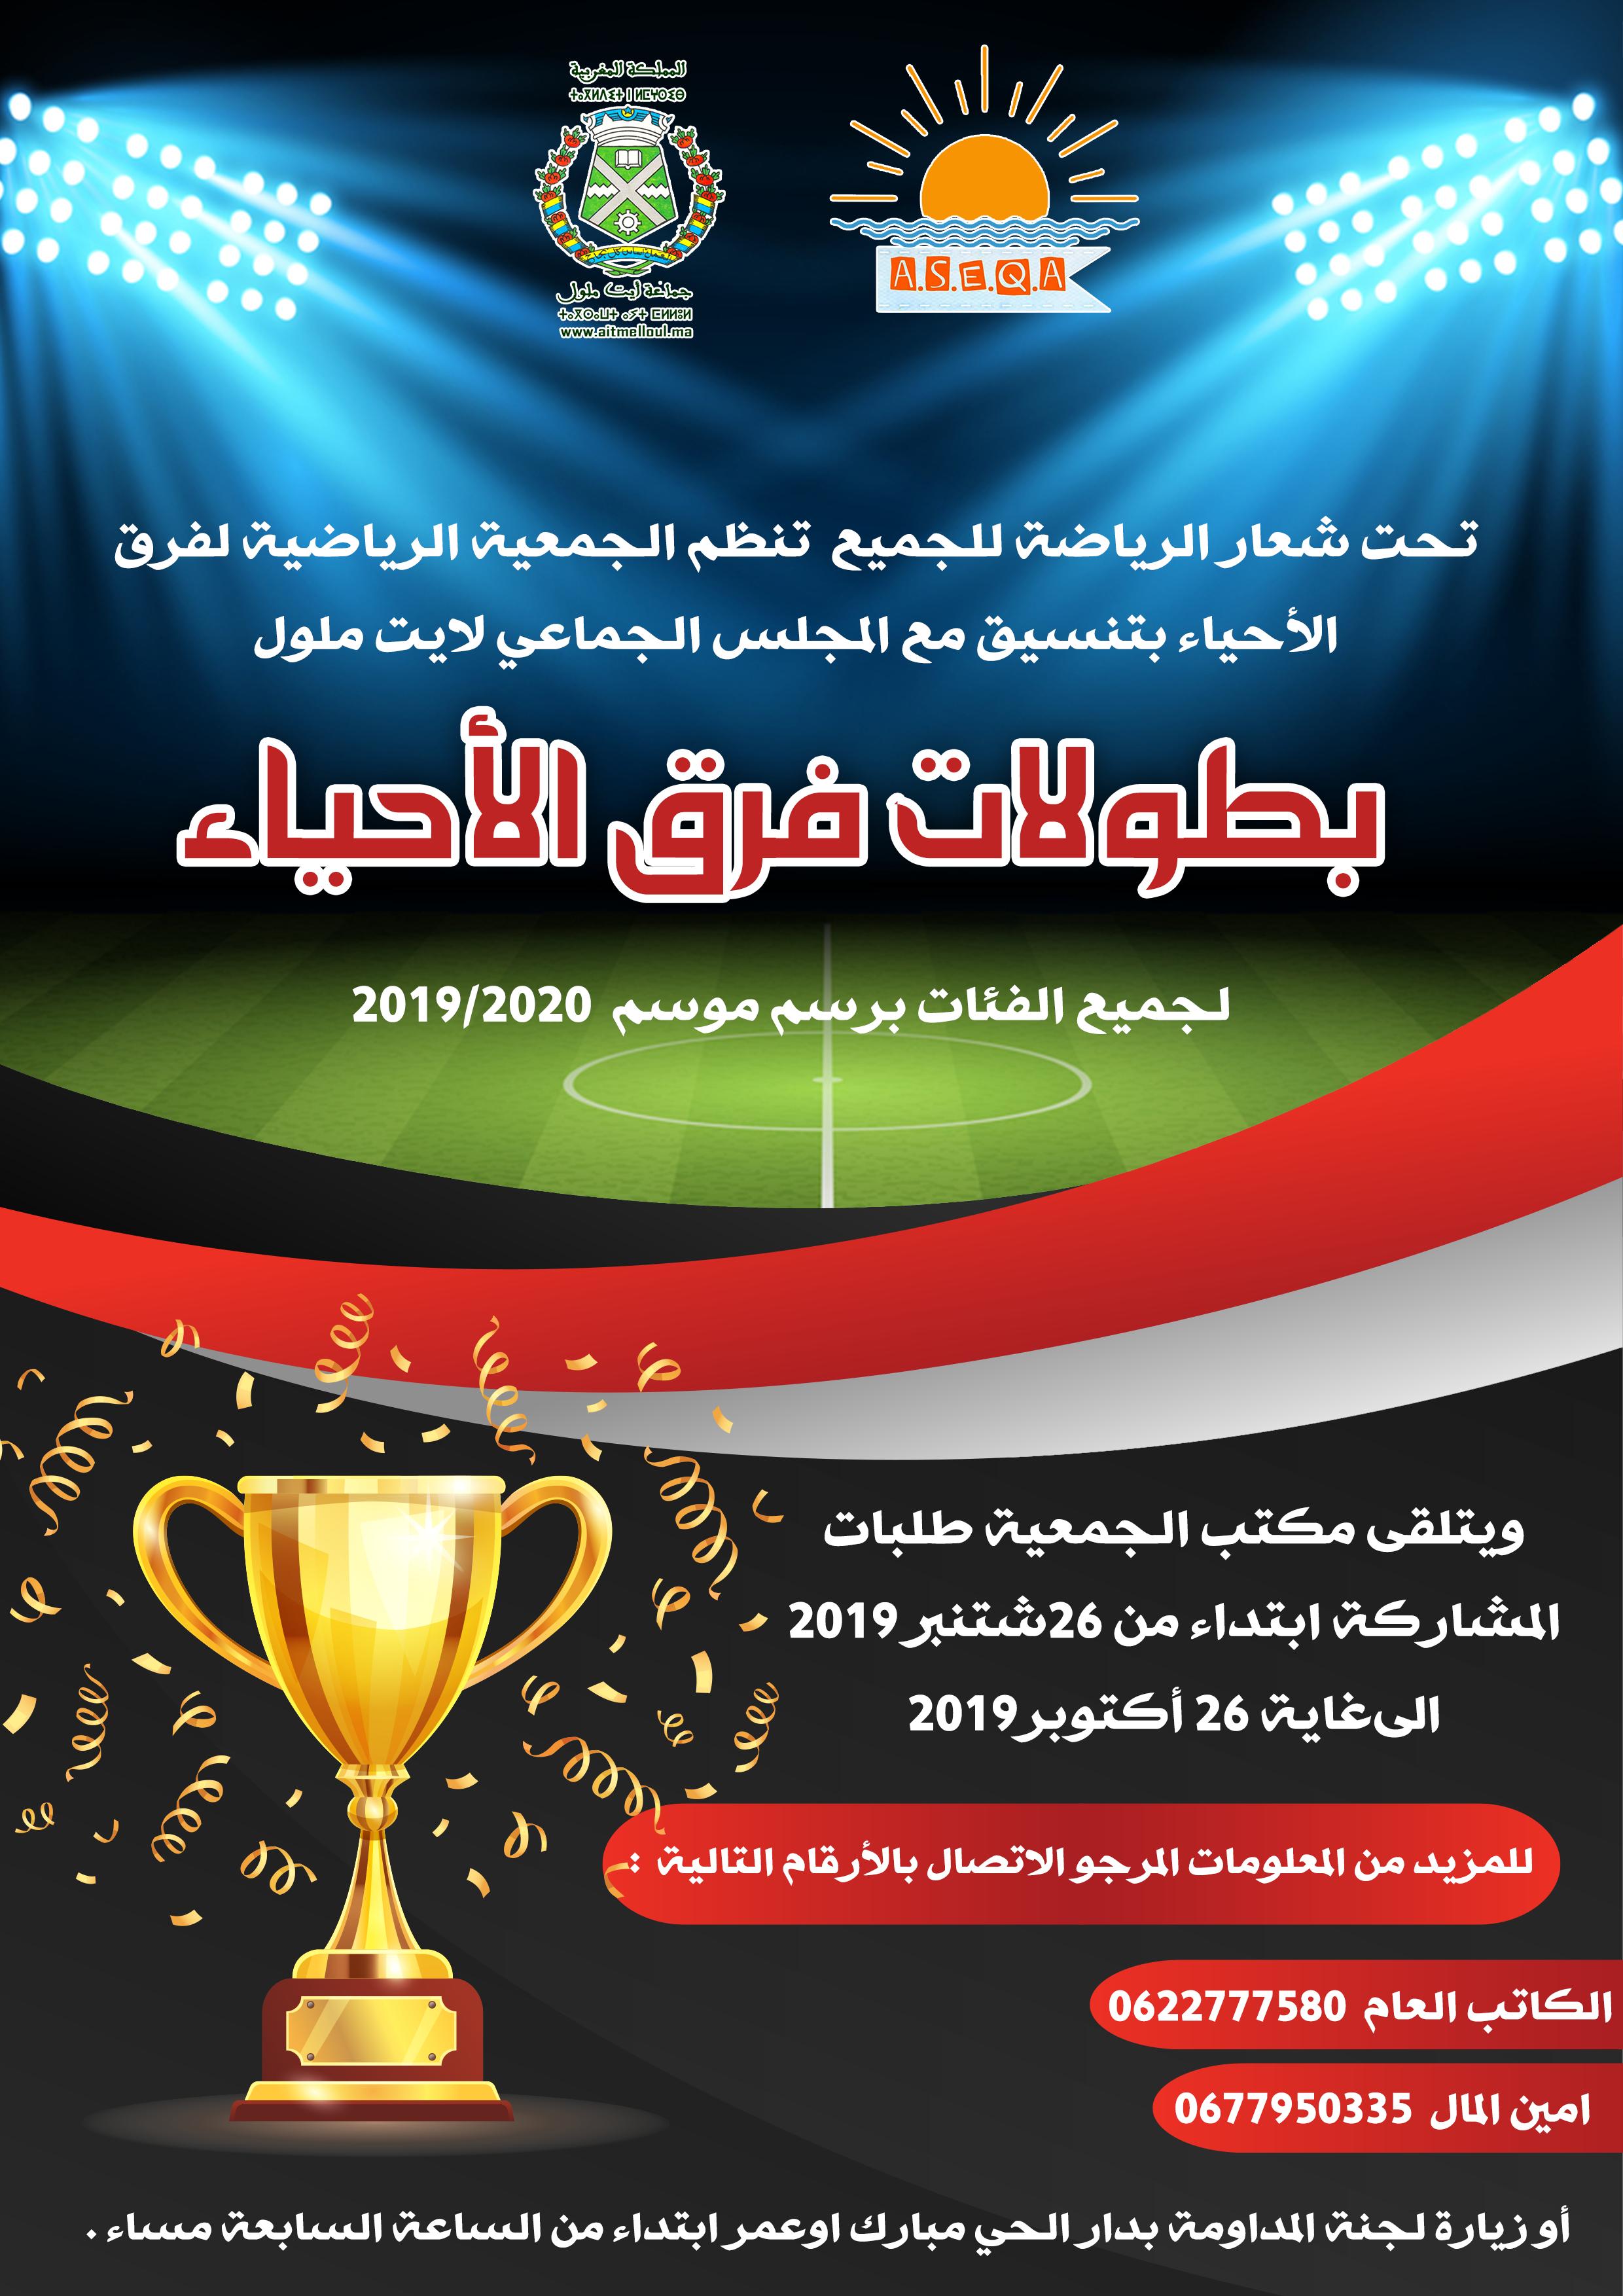 إنطلاق التسجيل في بطولات فرق الأحياء بأيت ملول للموسم الرياضي 2019/2020